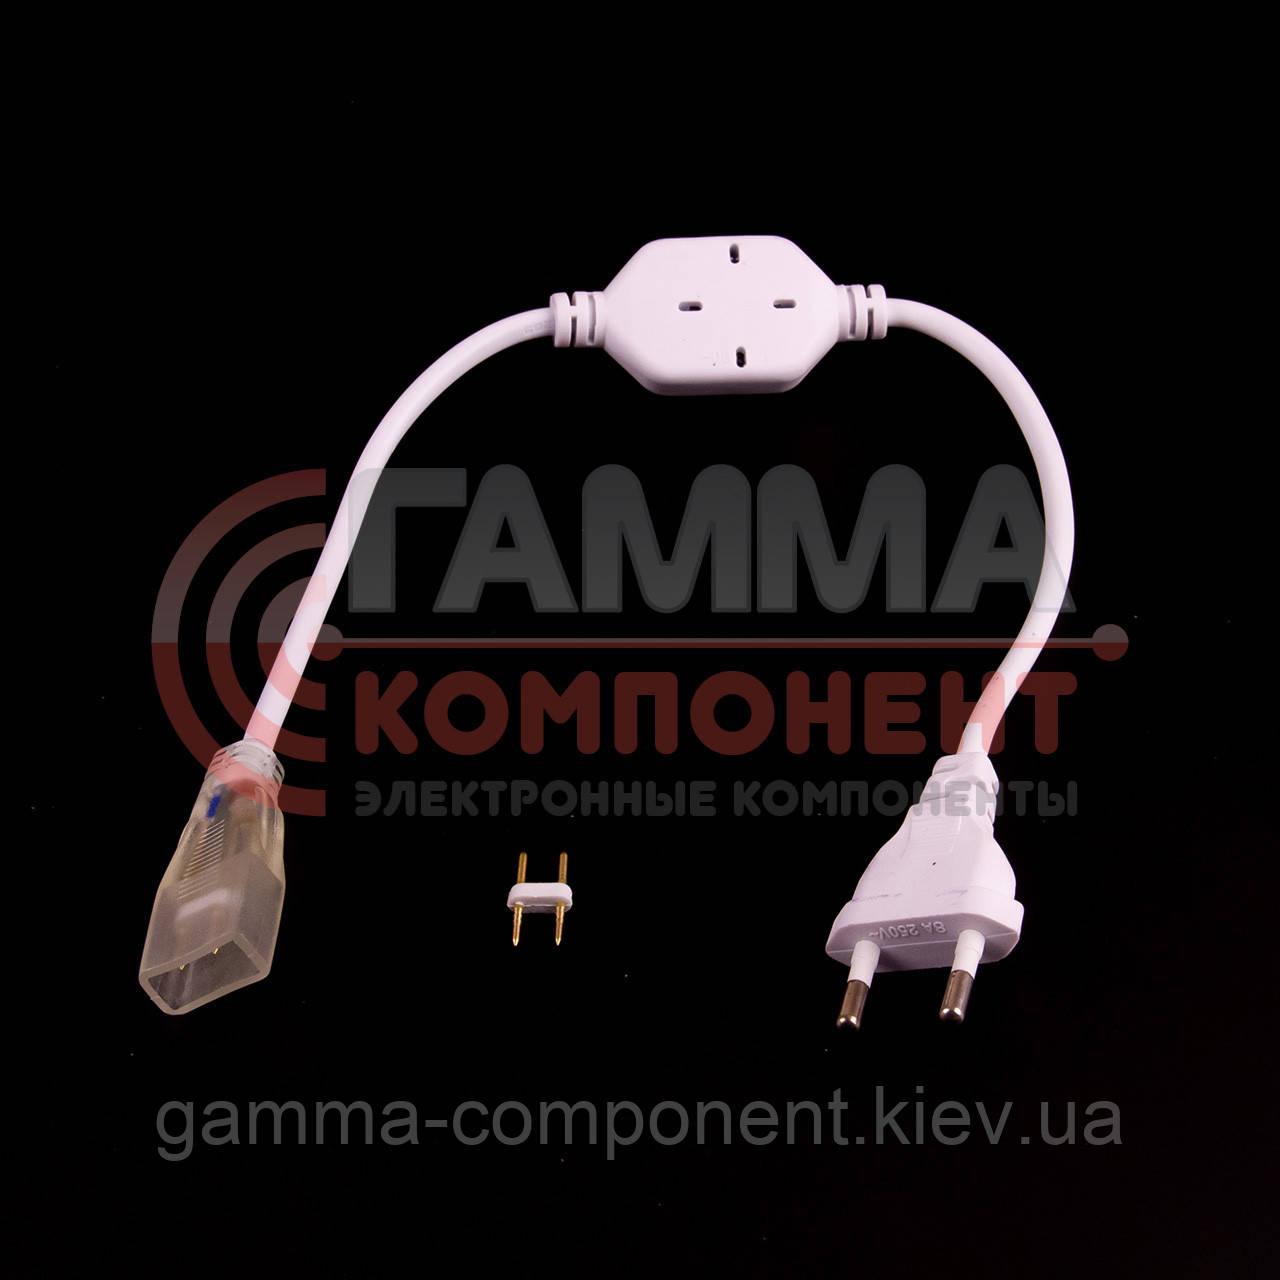 Адаптер питания для светодиодной ленты 220В smd 2835-120 лед/м + коннектор 2pin